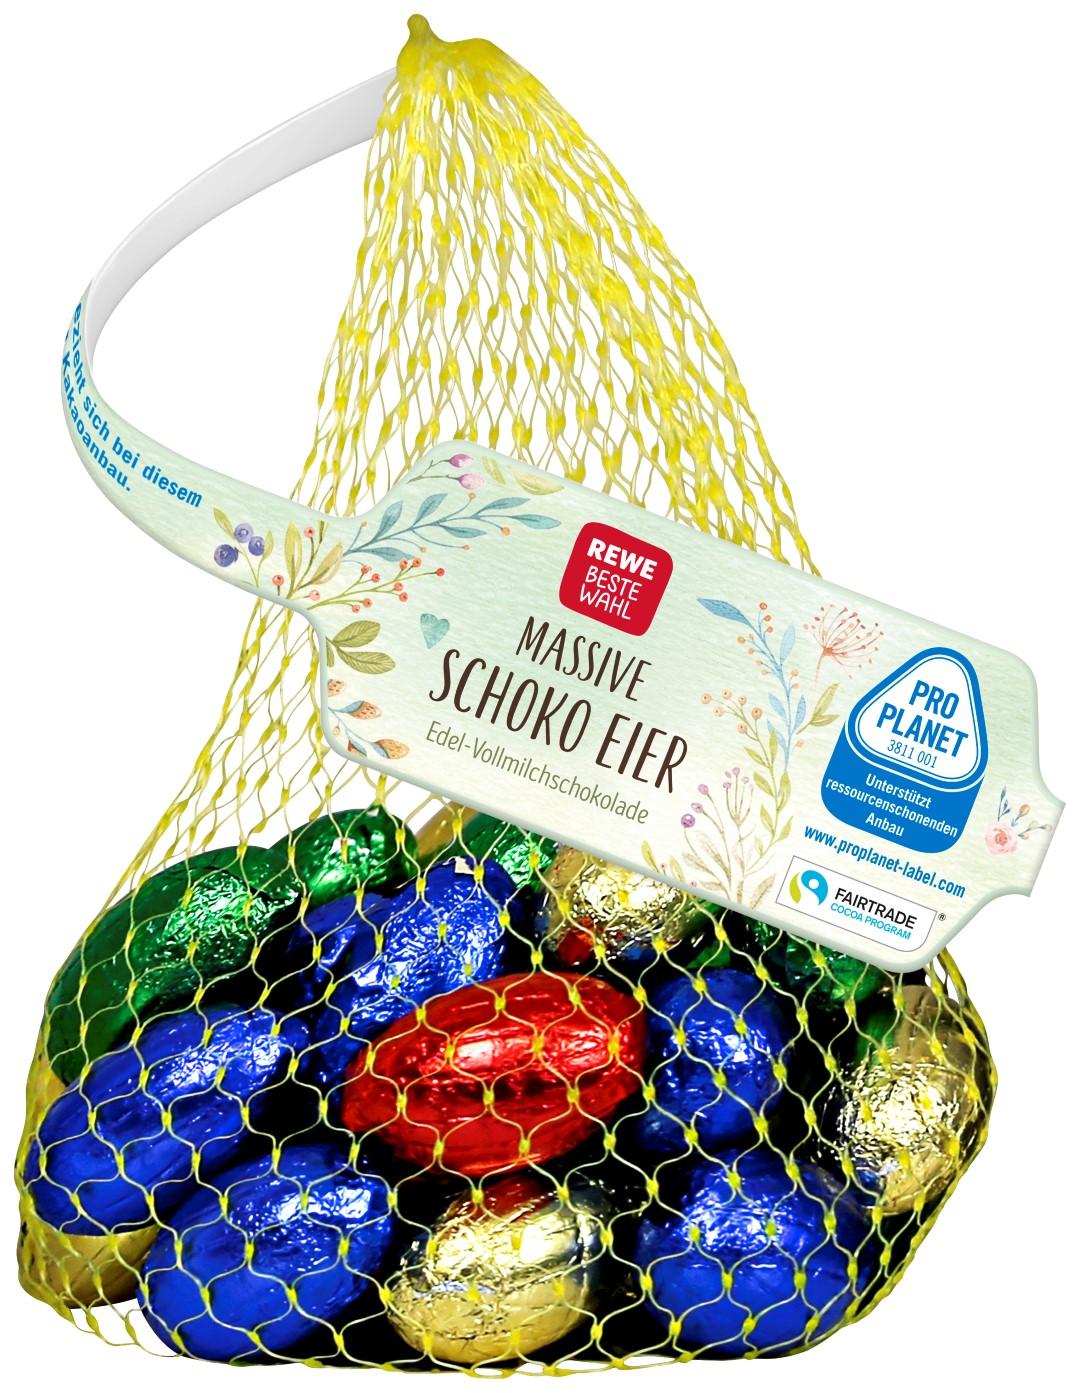 RBW Massive Eier im Netz 200g